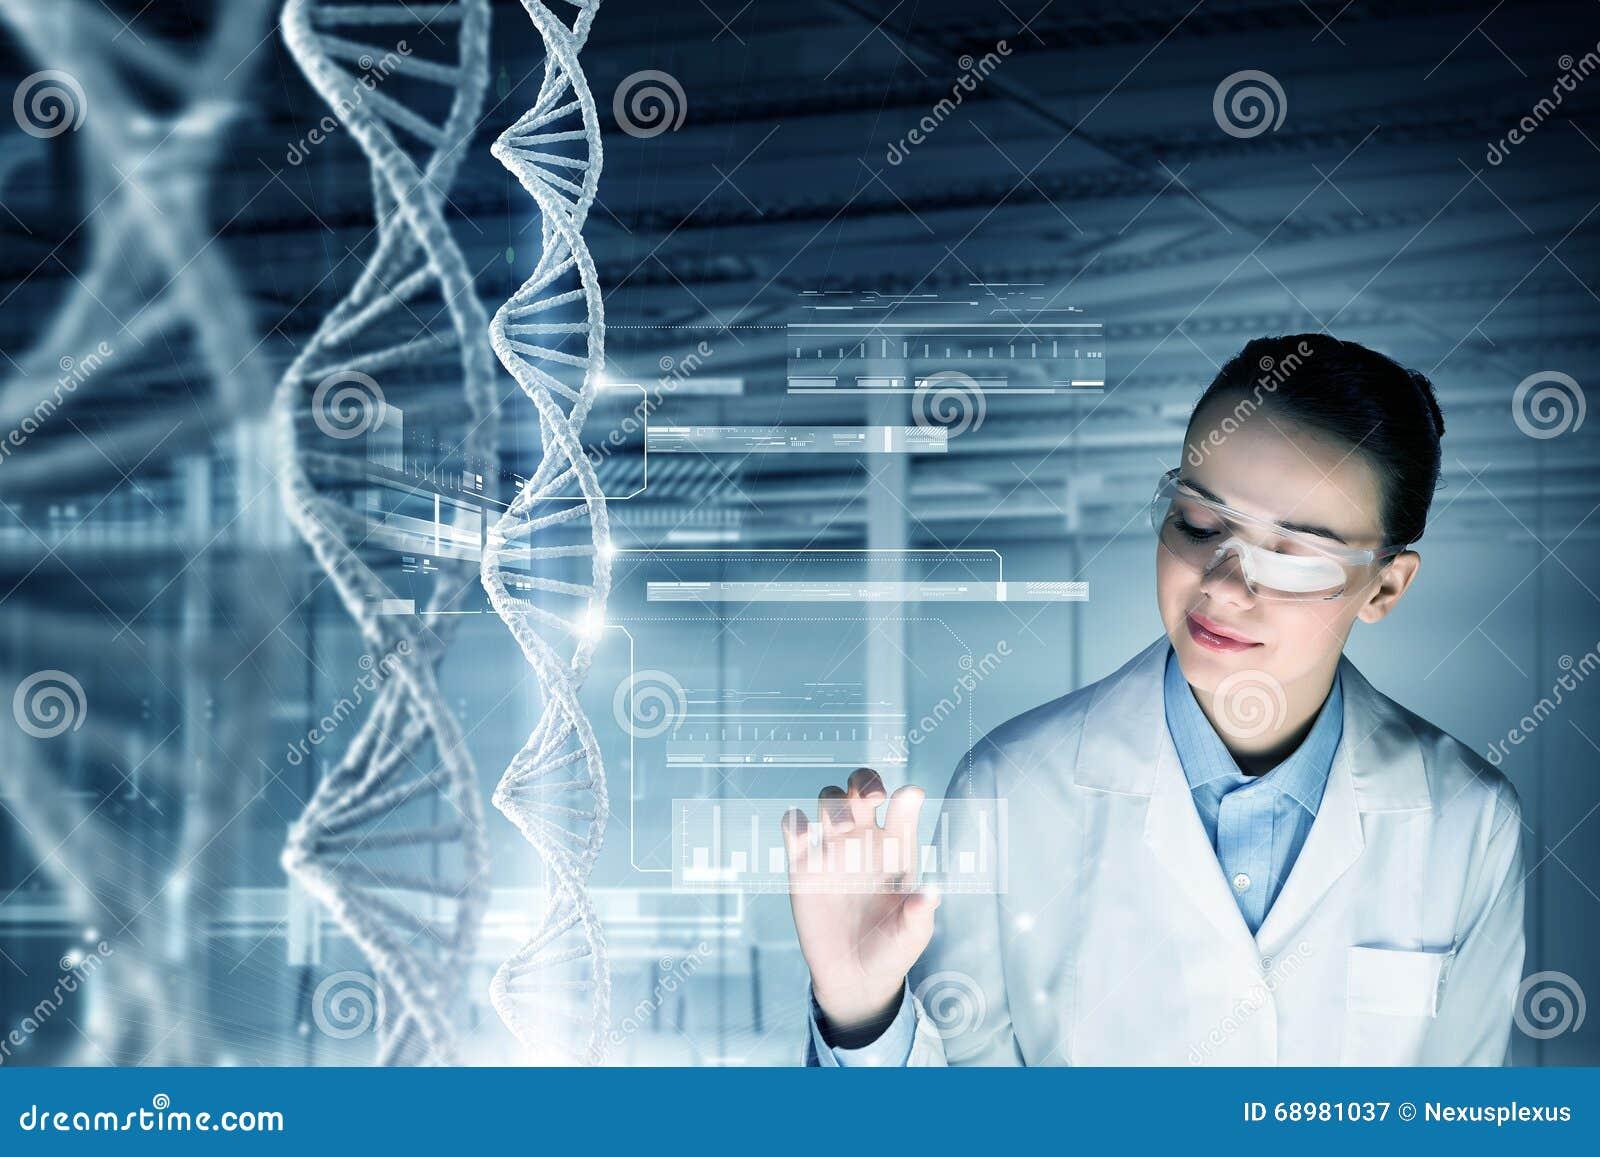 Tecnólogo de la ciencia de la mujer en laboratorio